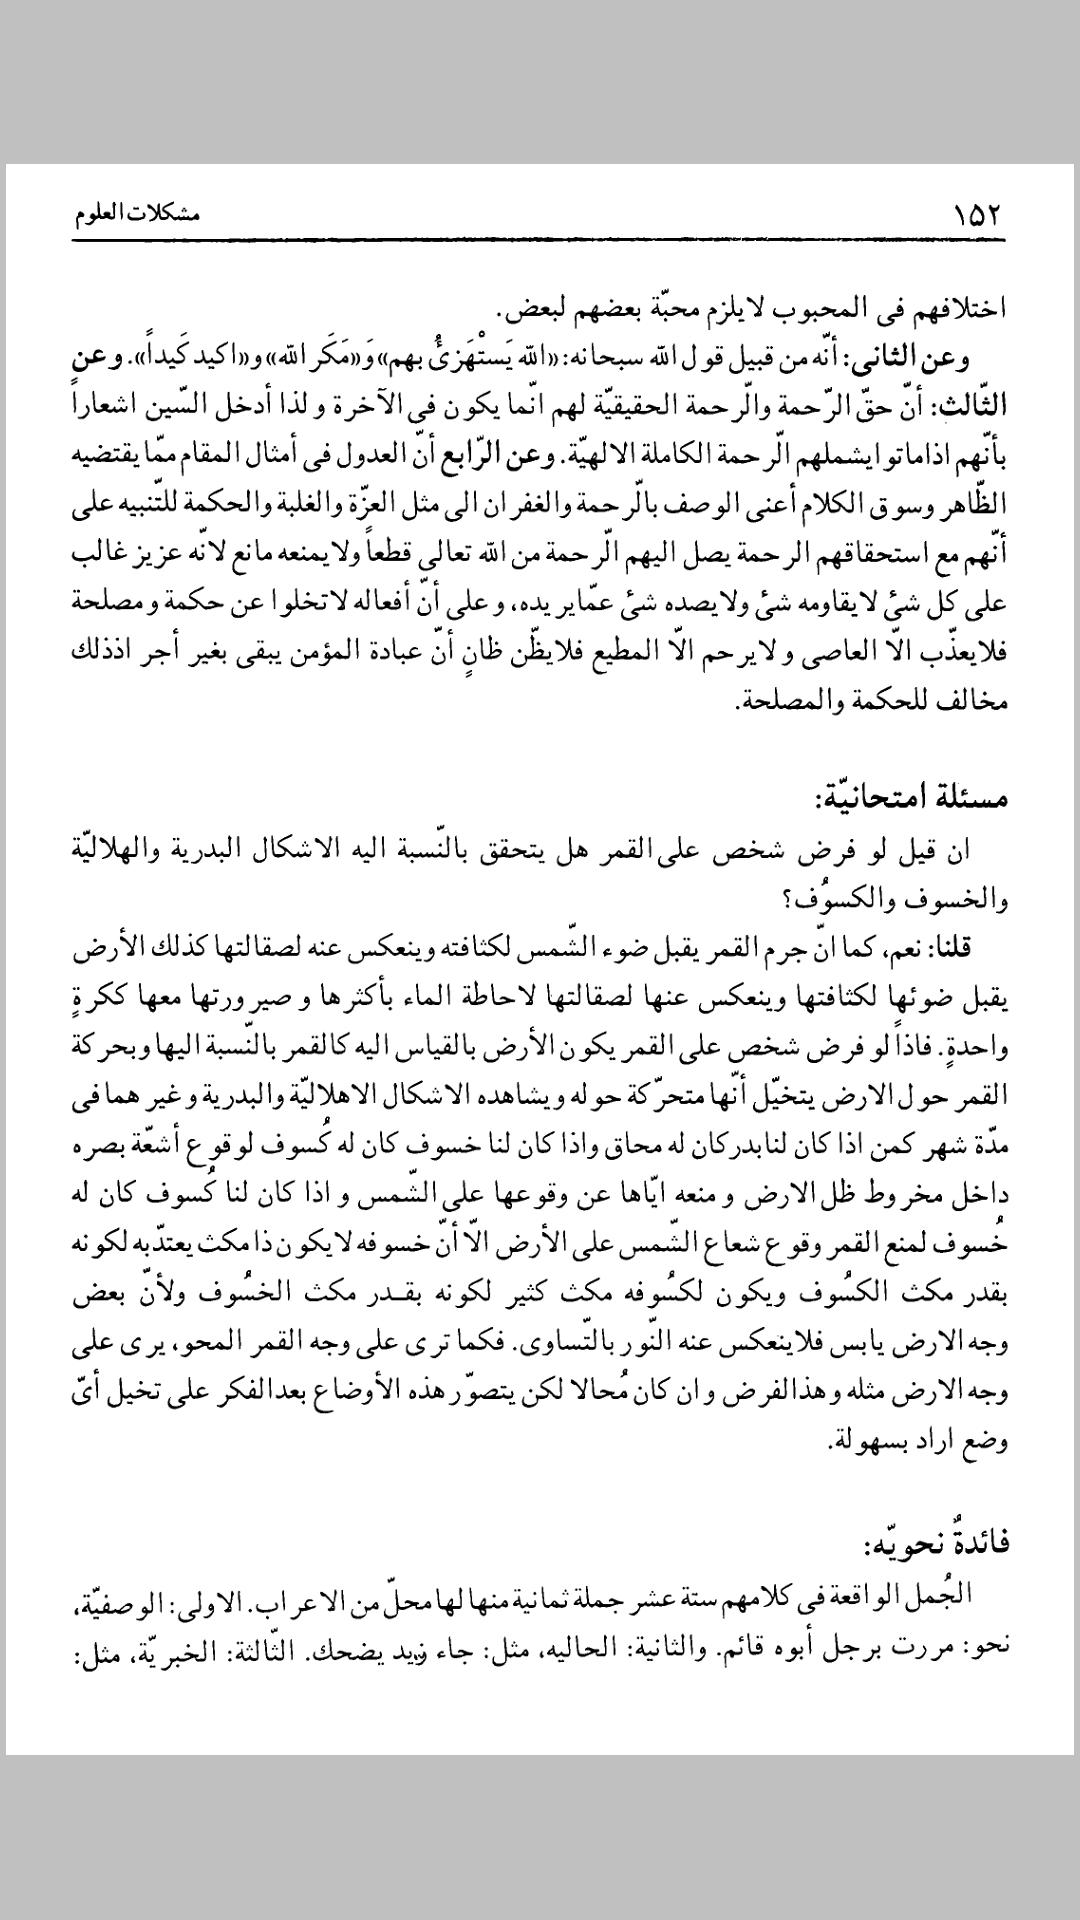 صفحة من كتاب مشكلات العلوم تأليف: ملا محمد مهدي نراقي